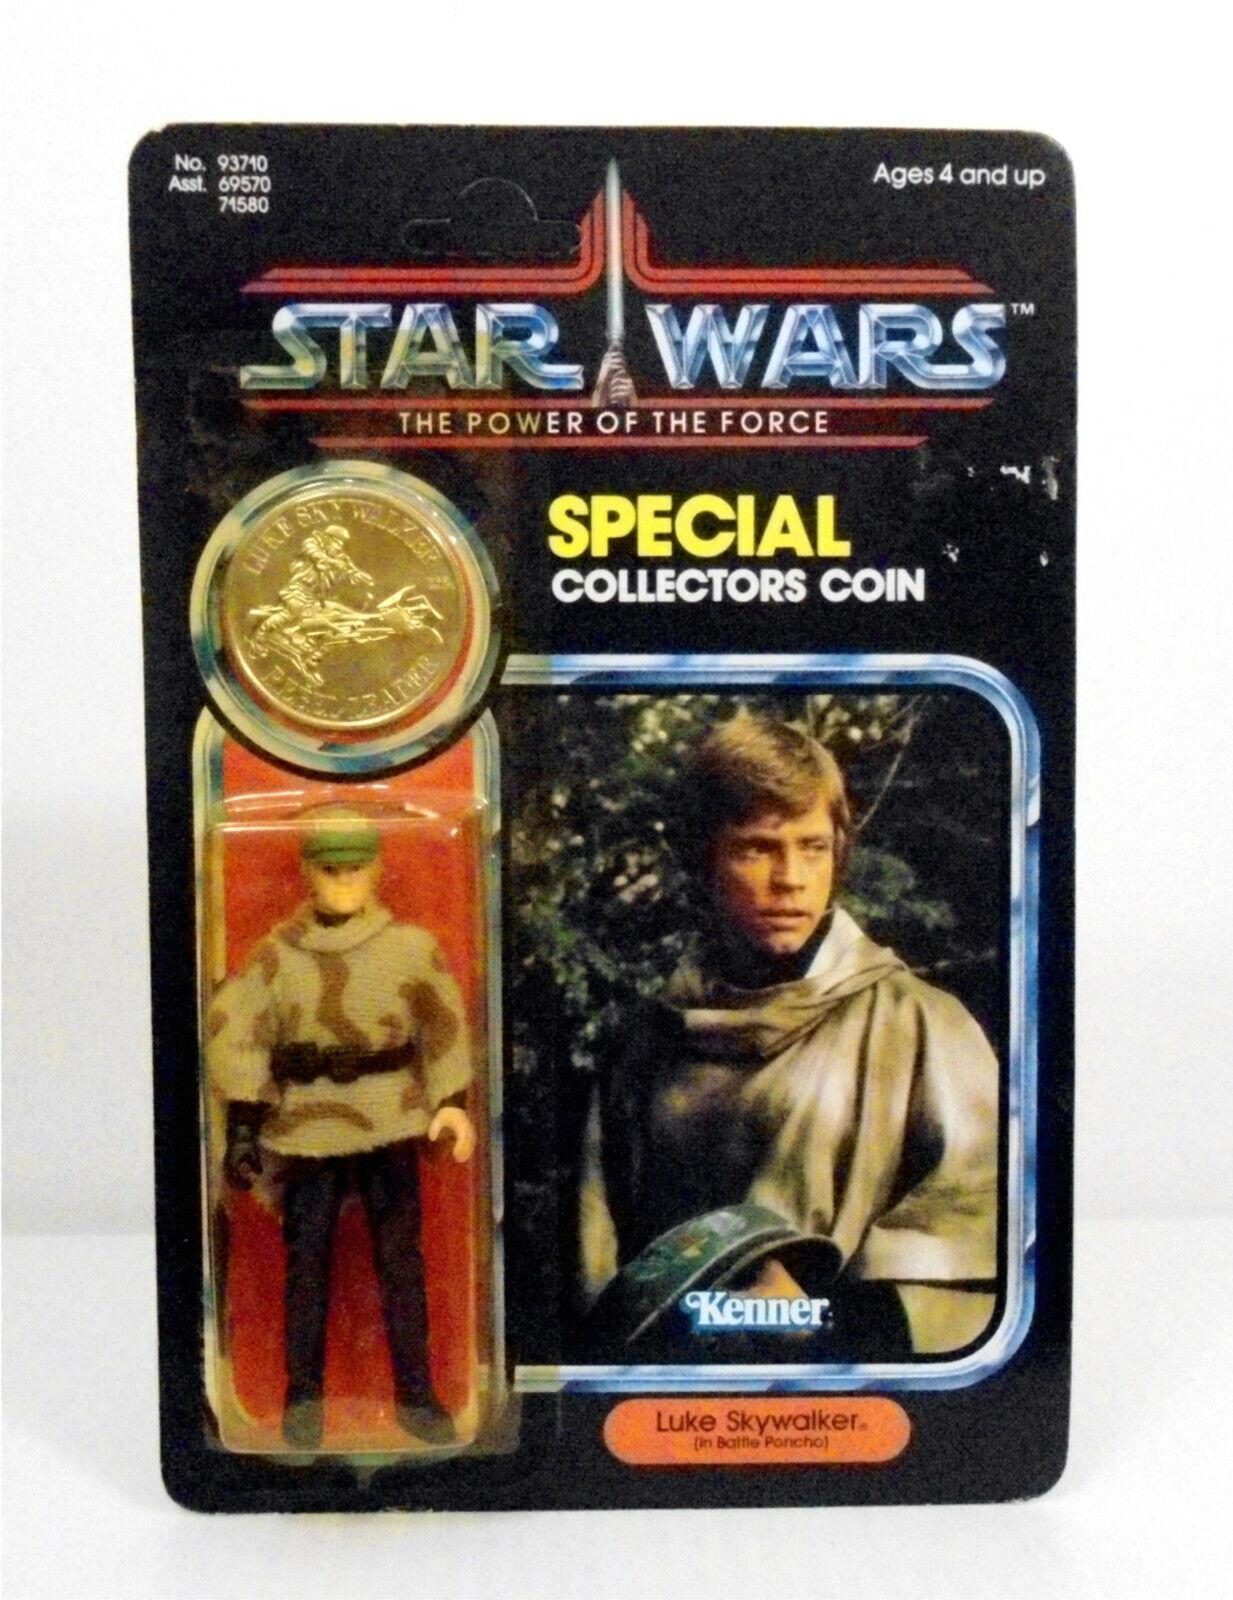 gran selección y entrega rápida Estrella wars poder de la fuerza Luke Skywalker moneda moneda moneda de plata en tarjeta ENLOMADOR 1984  mas preferencial